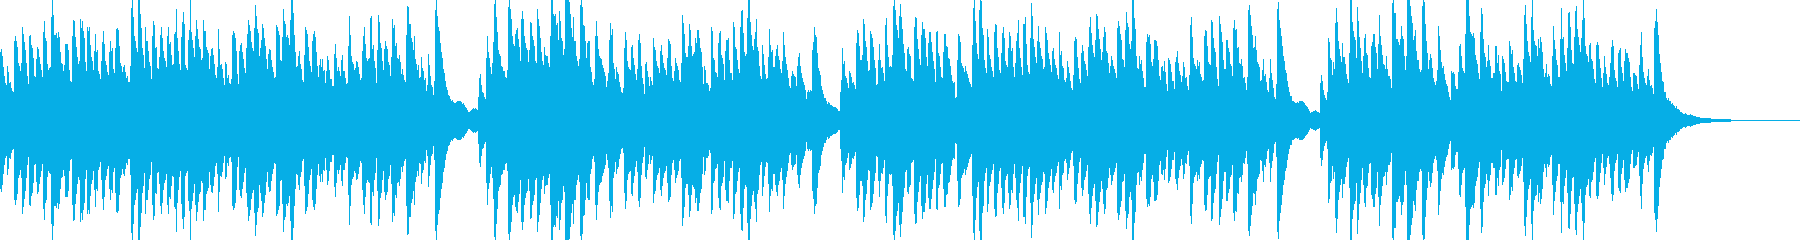 伝承歌「小山のこうさぎ」ハープのインストの再生済みの波形